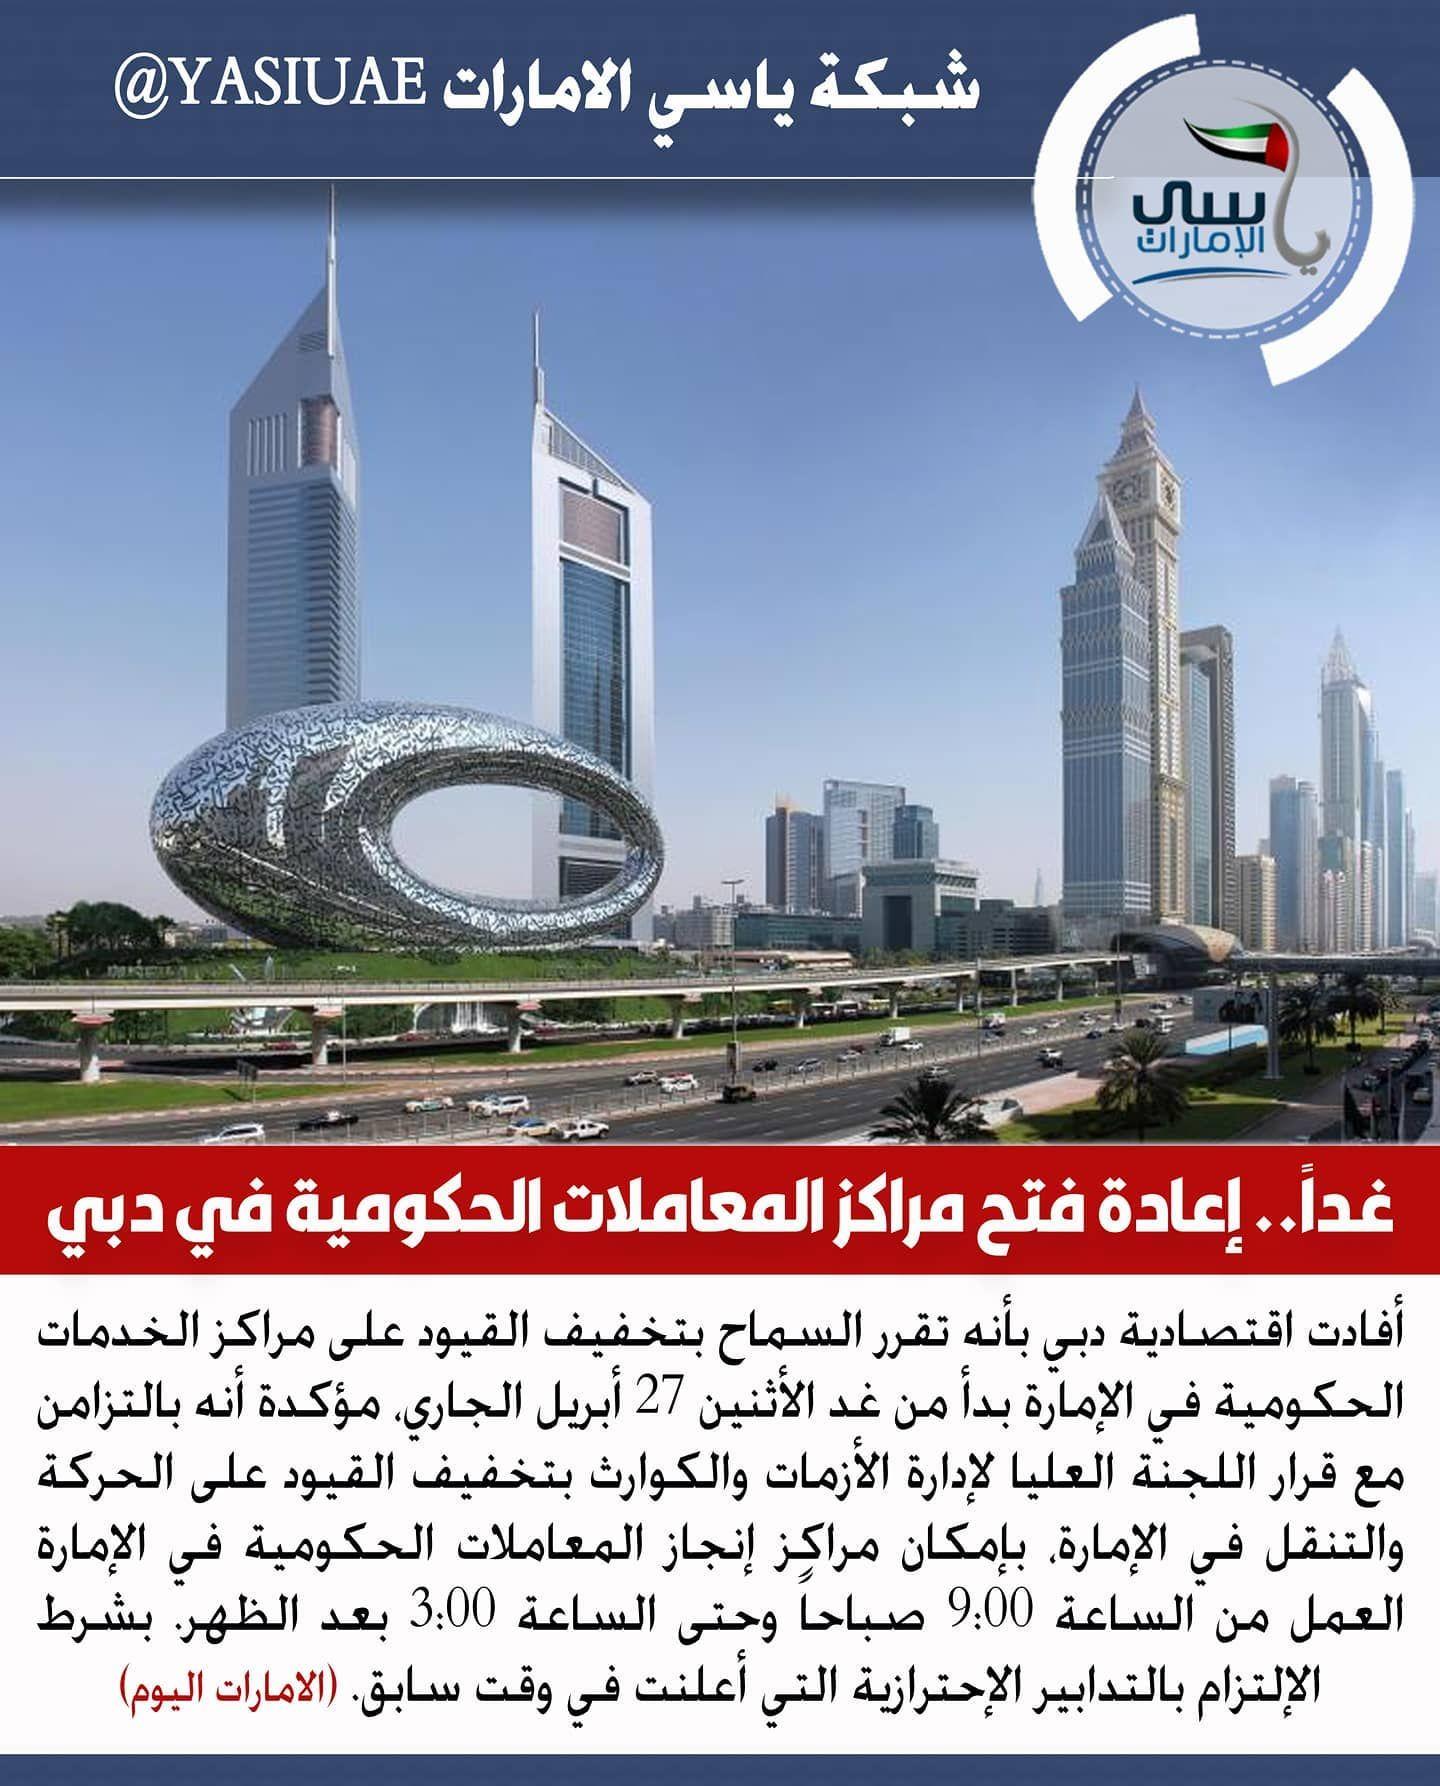 غدا إعادة فتح مراكز المعاملات الحكومية في دبي Www Yasiuae Net ياسي الامارات شبكة ياسي الامارات شبكة ياسي الامارات Screenshots Desktop Screenshot Desktop